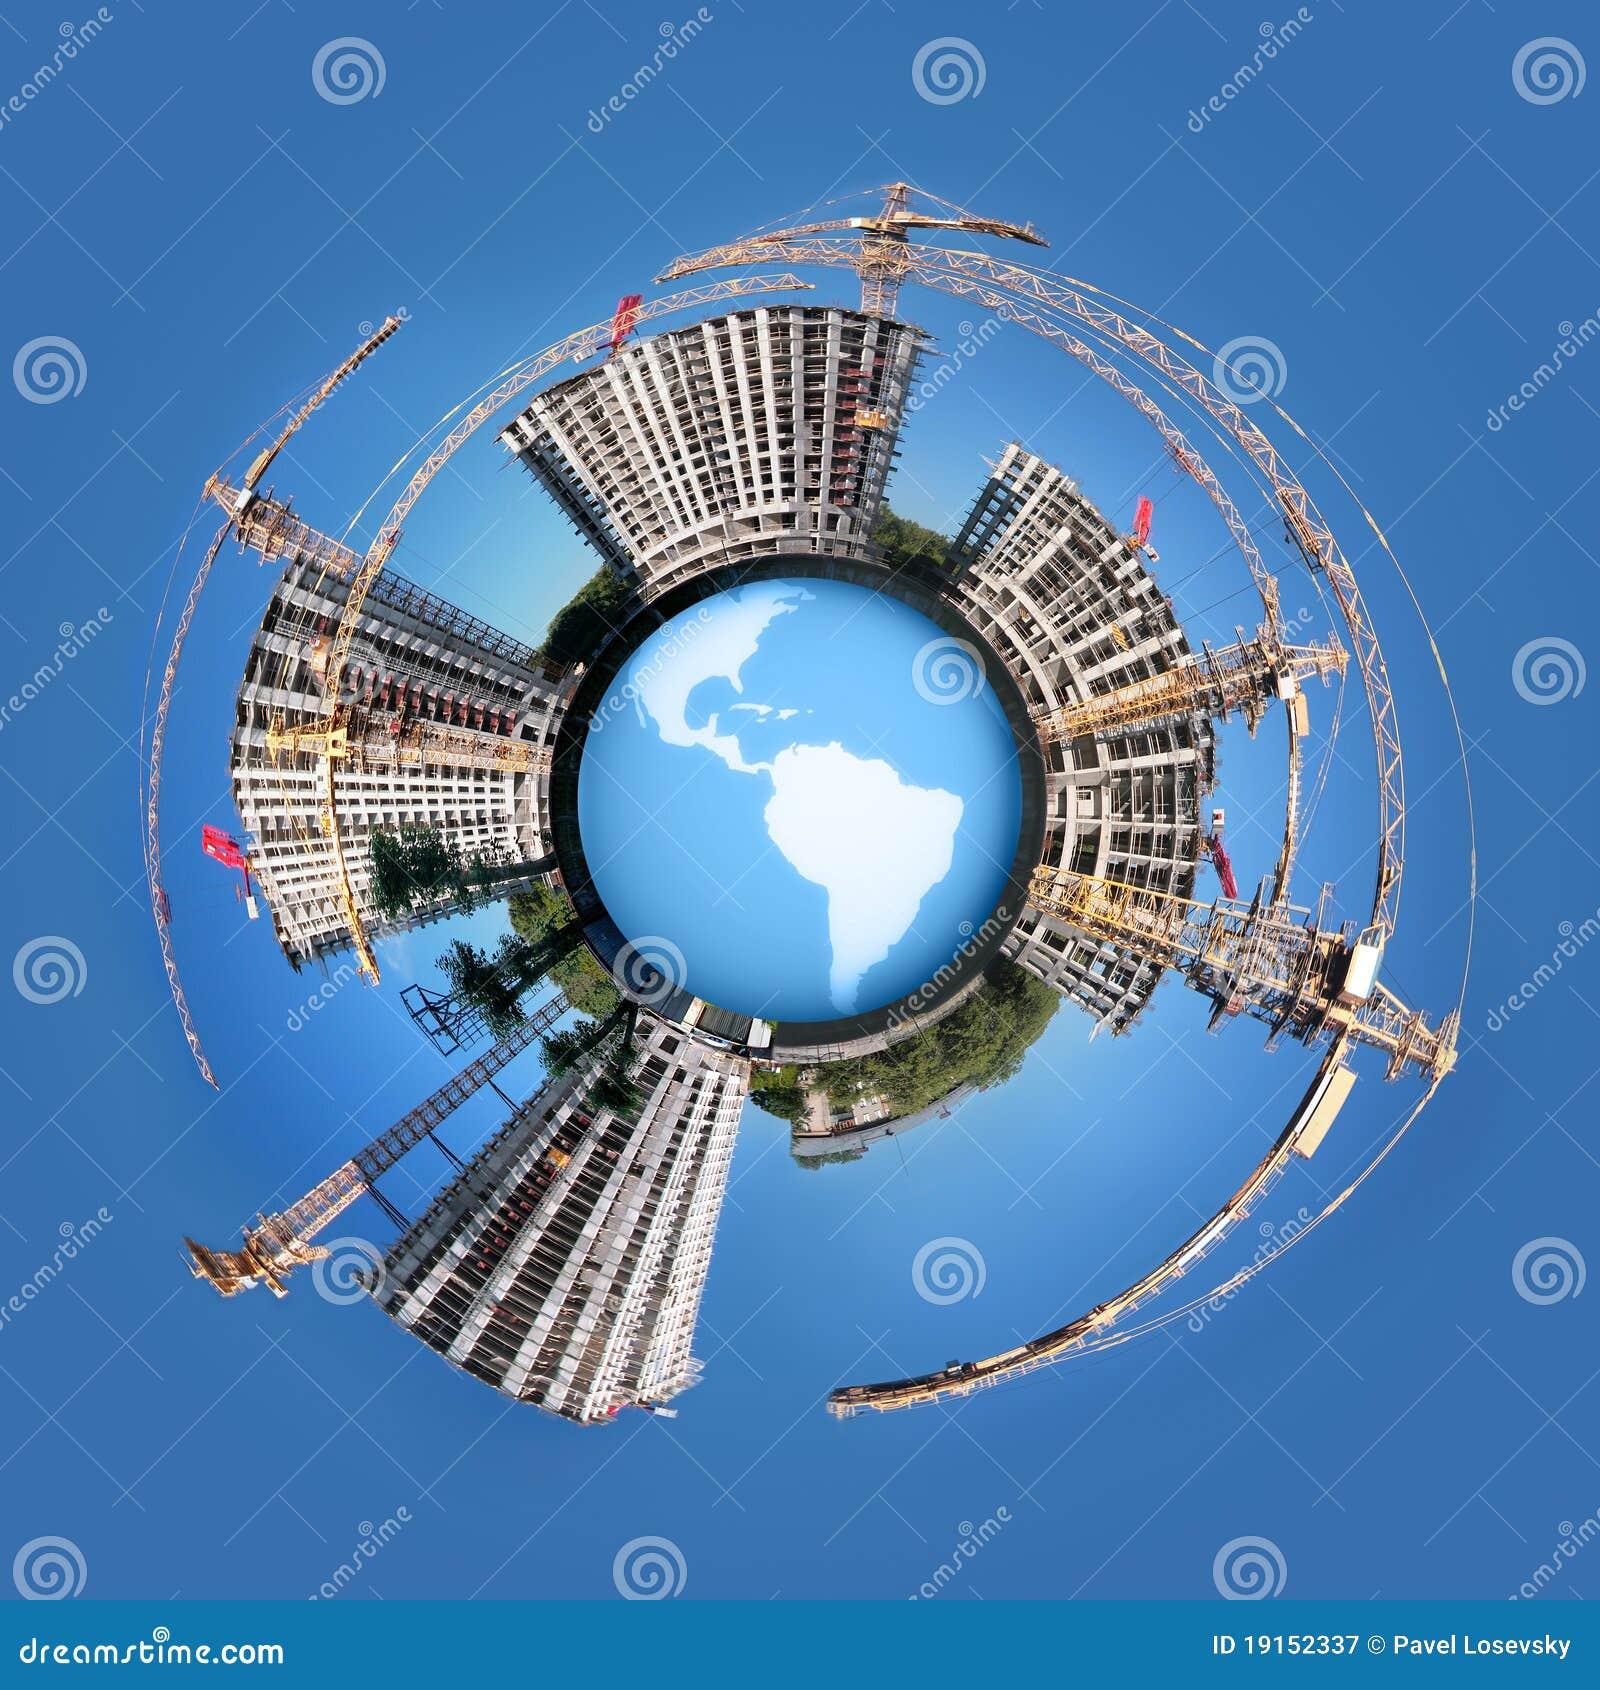 how to take a circle panorama